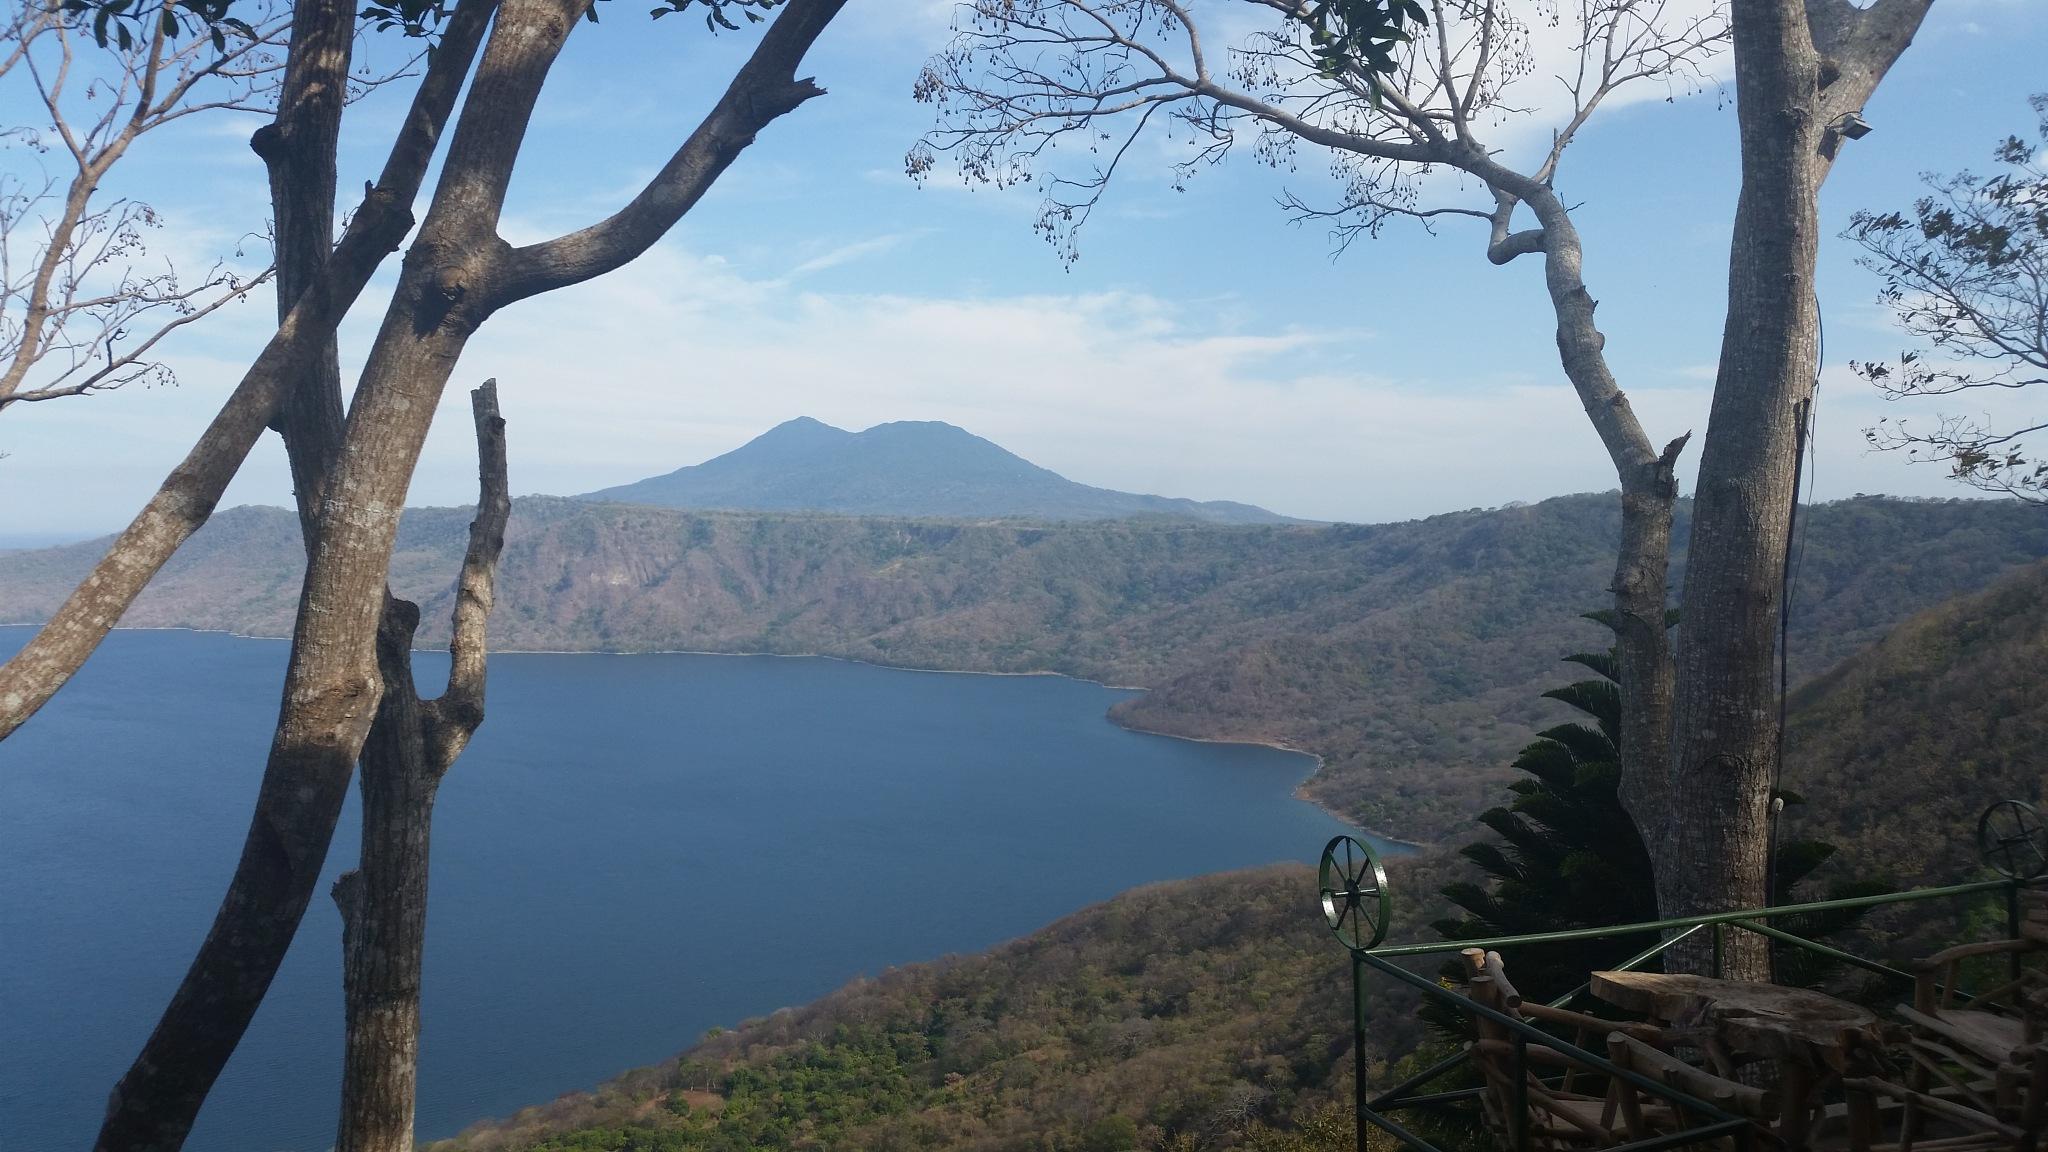 Laguna y volcan by Carlos Luis Delgado